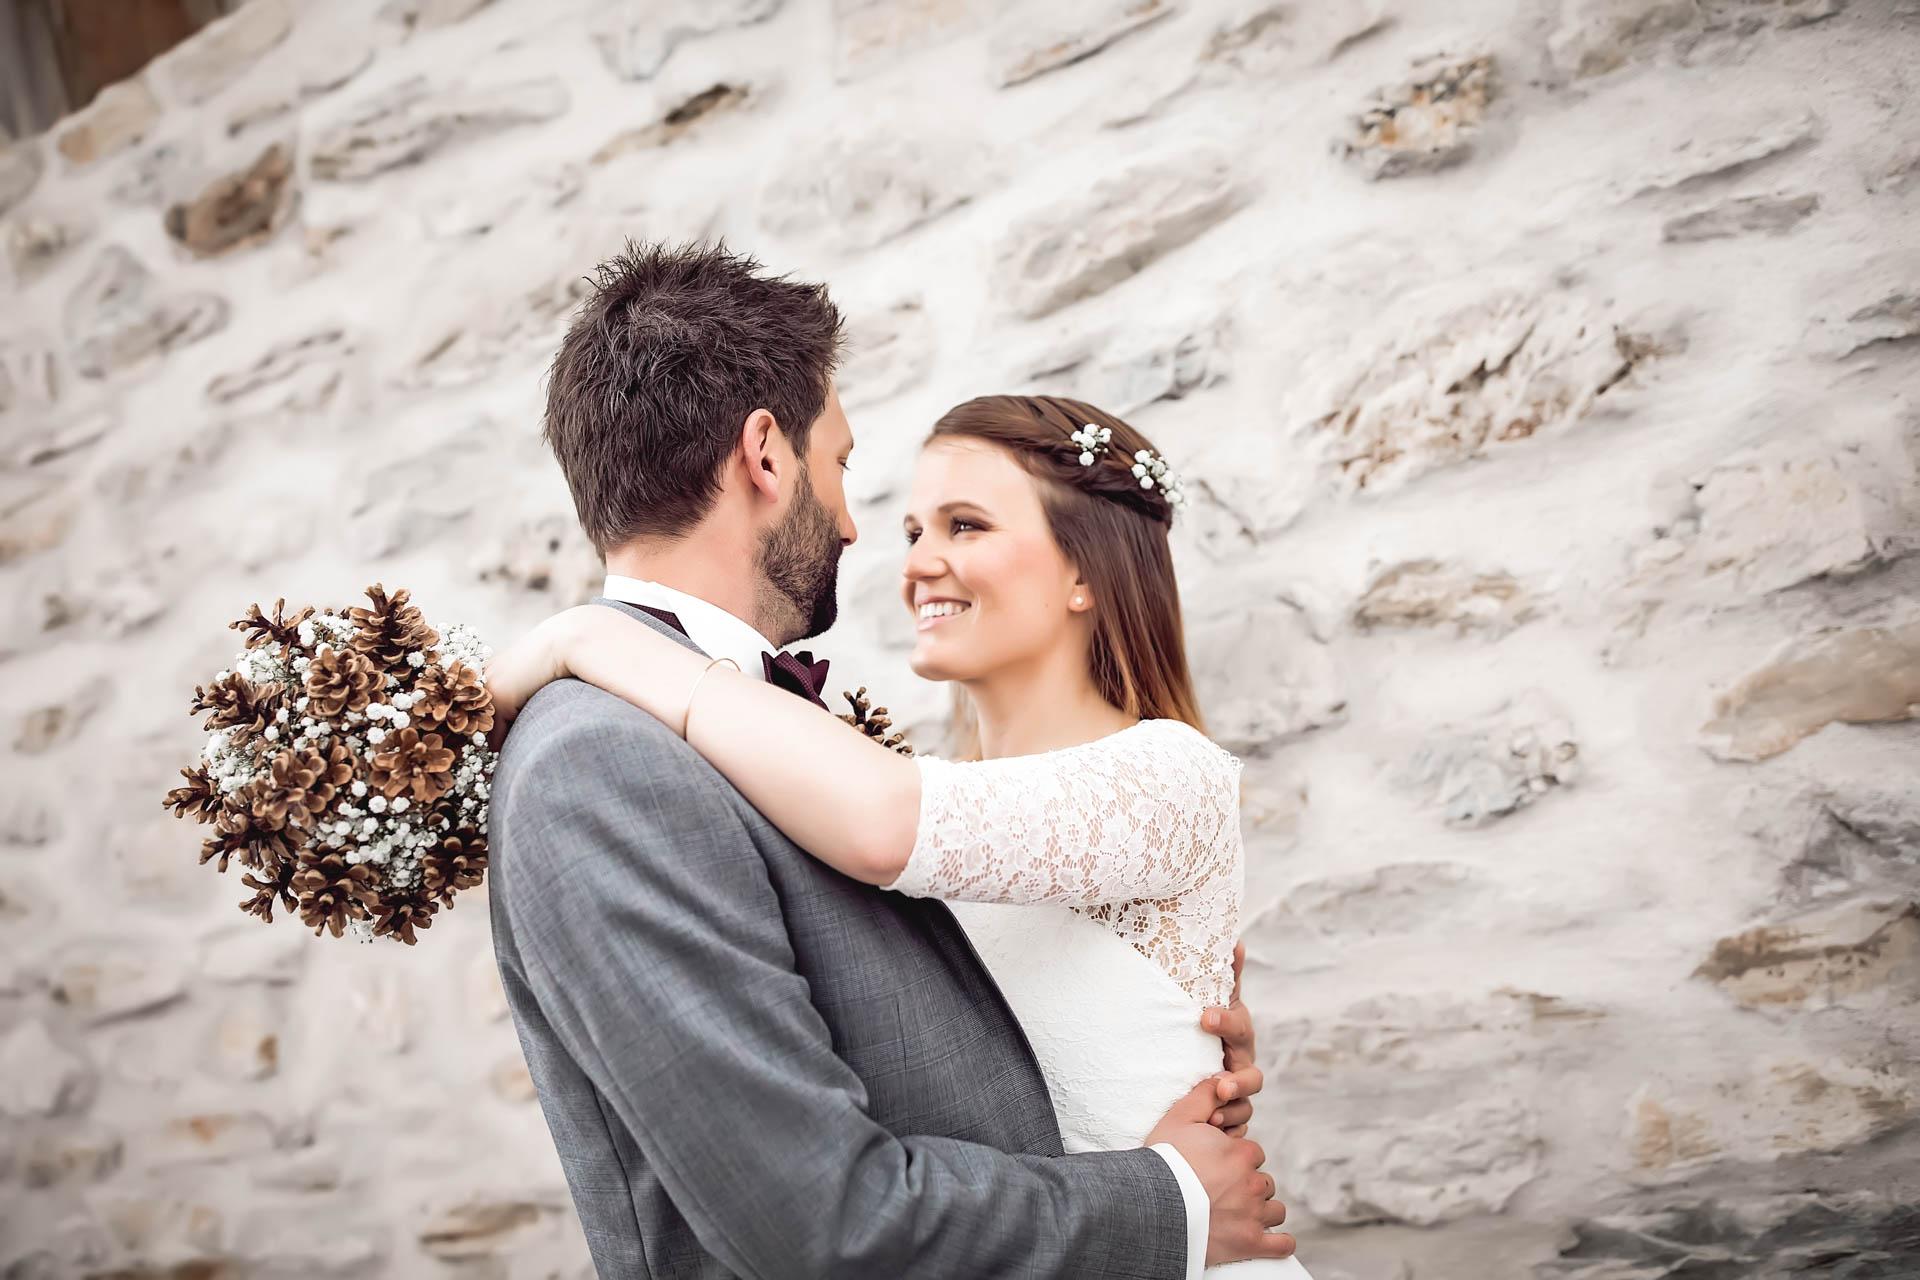 Braut mit winterlichem Brautstrauss himmelt ihren Bräutigam an